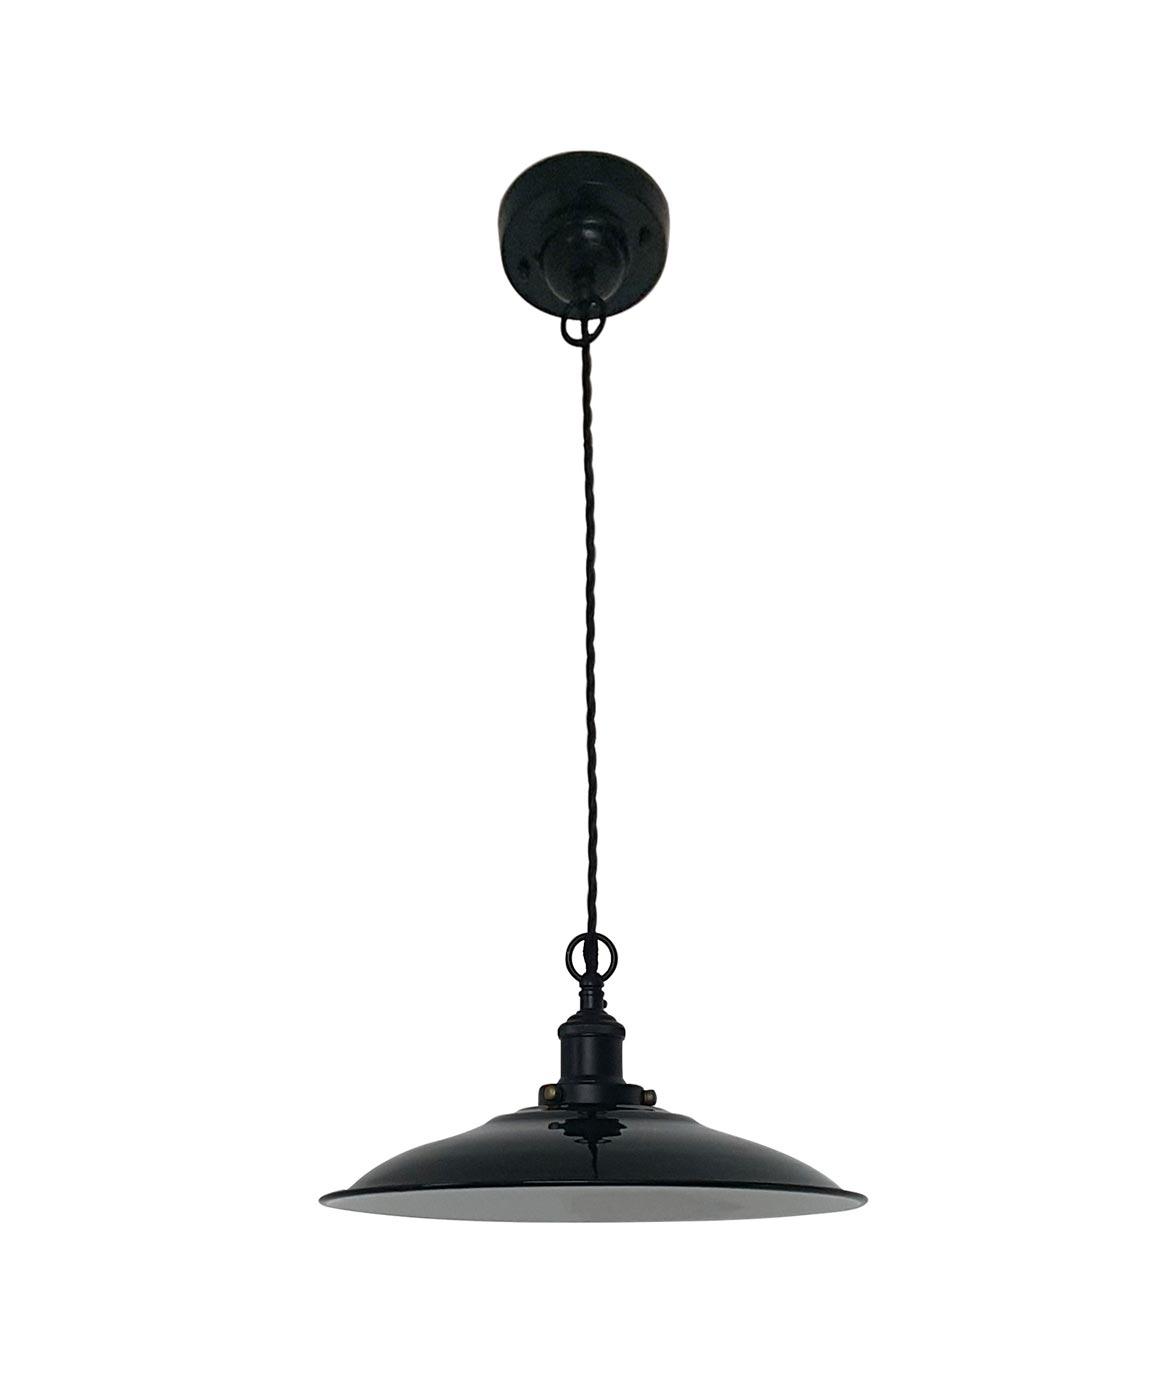 Lámpara de techo ovalada negra LANG